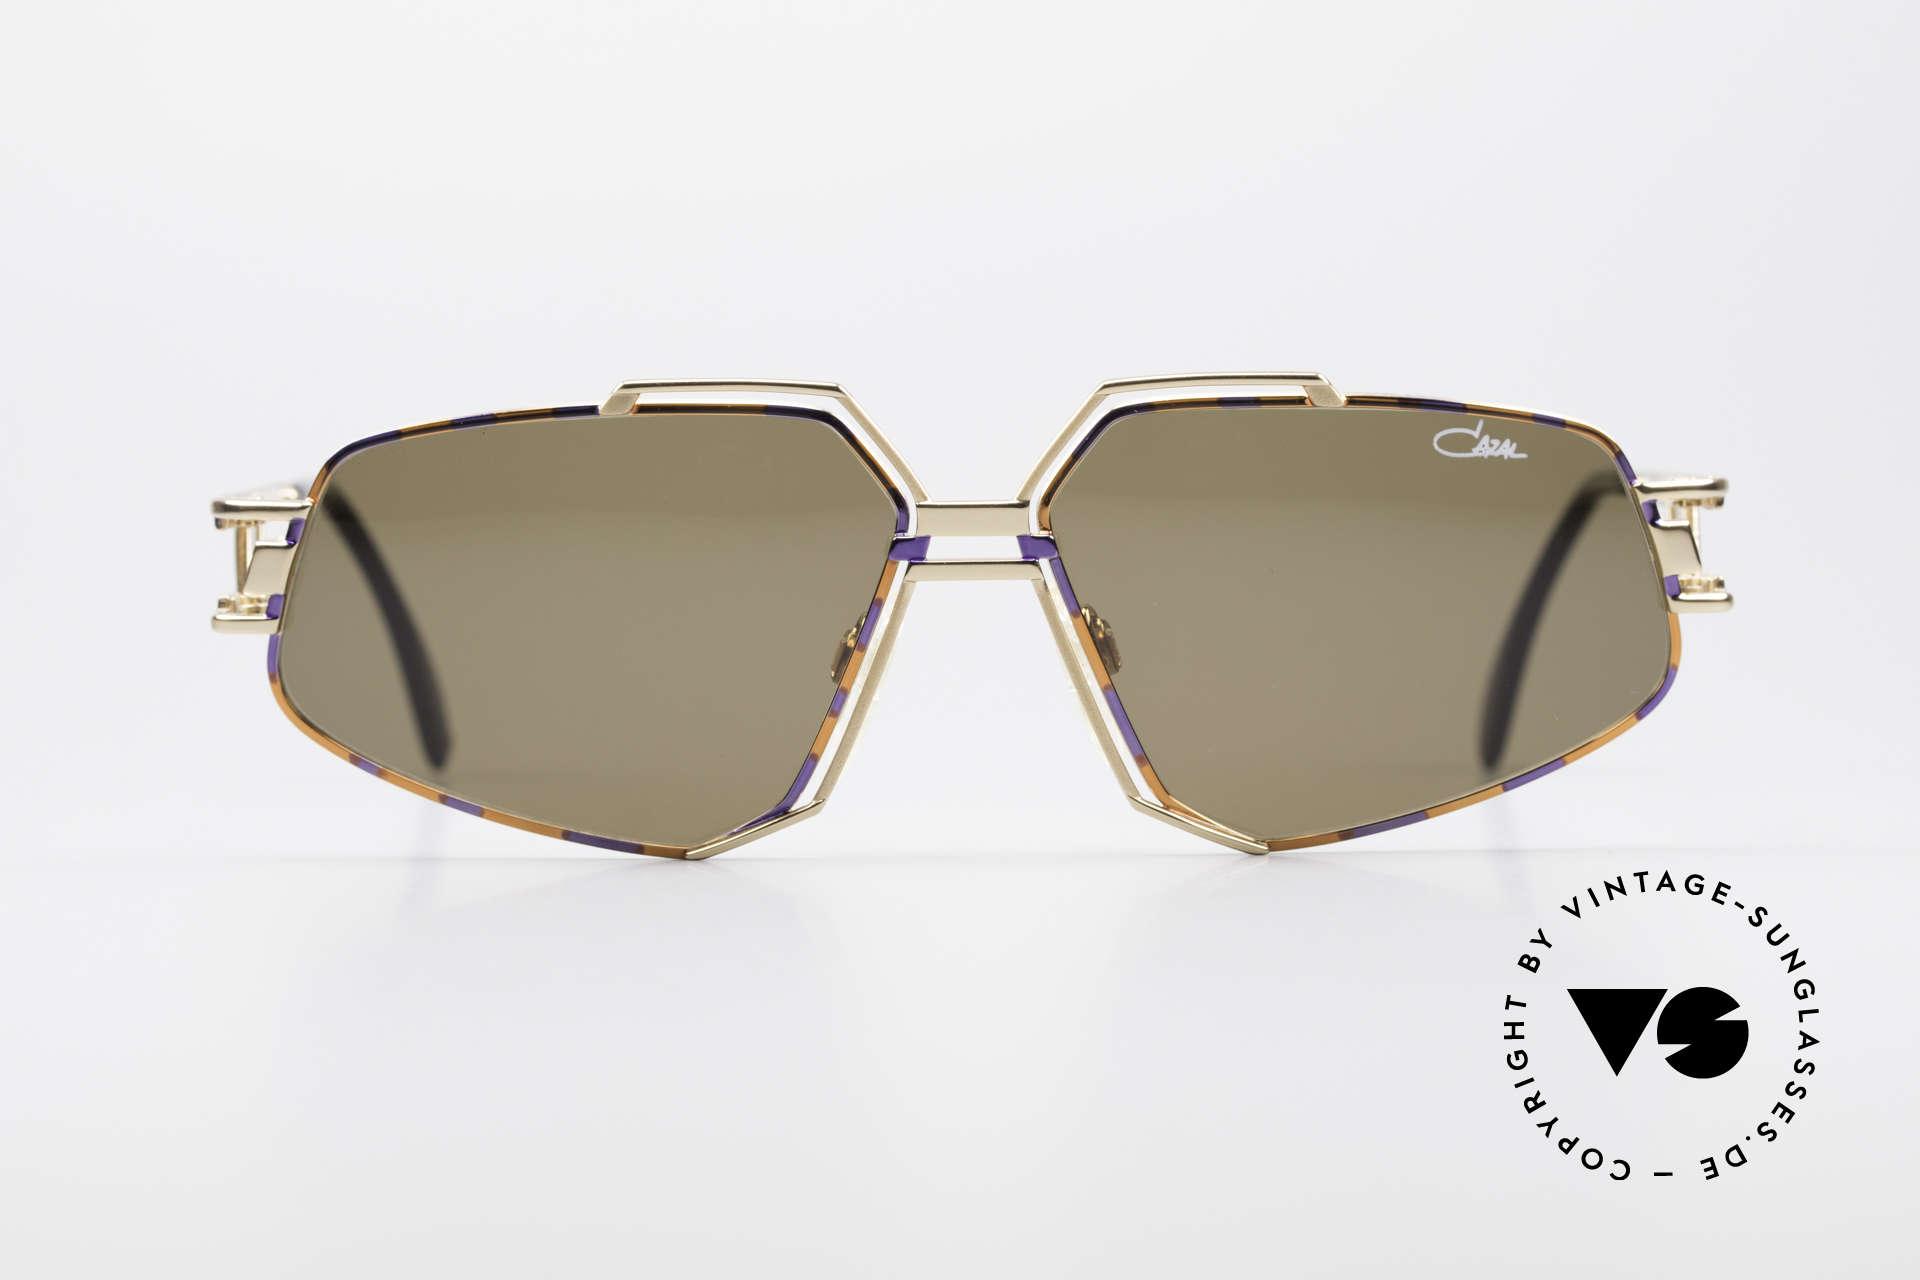 Cazal 961 Vintage Designer Sonnenbrille, großartiges Design von CAri ZALloni (Mr. CAZAL), Passend für Herren und Damen